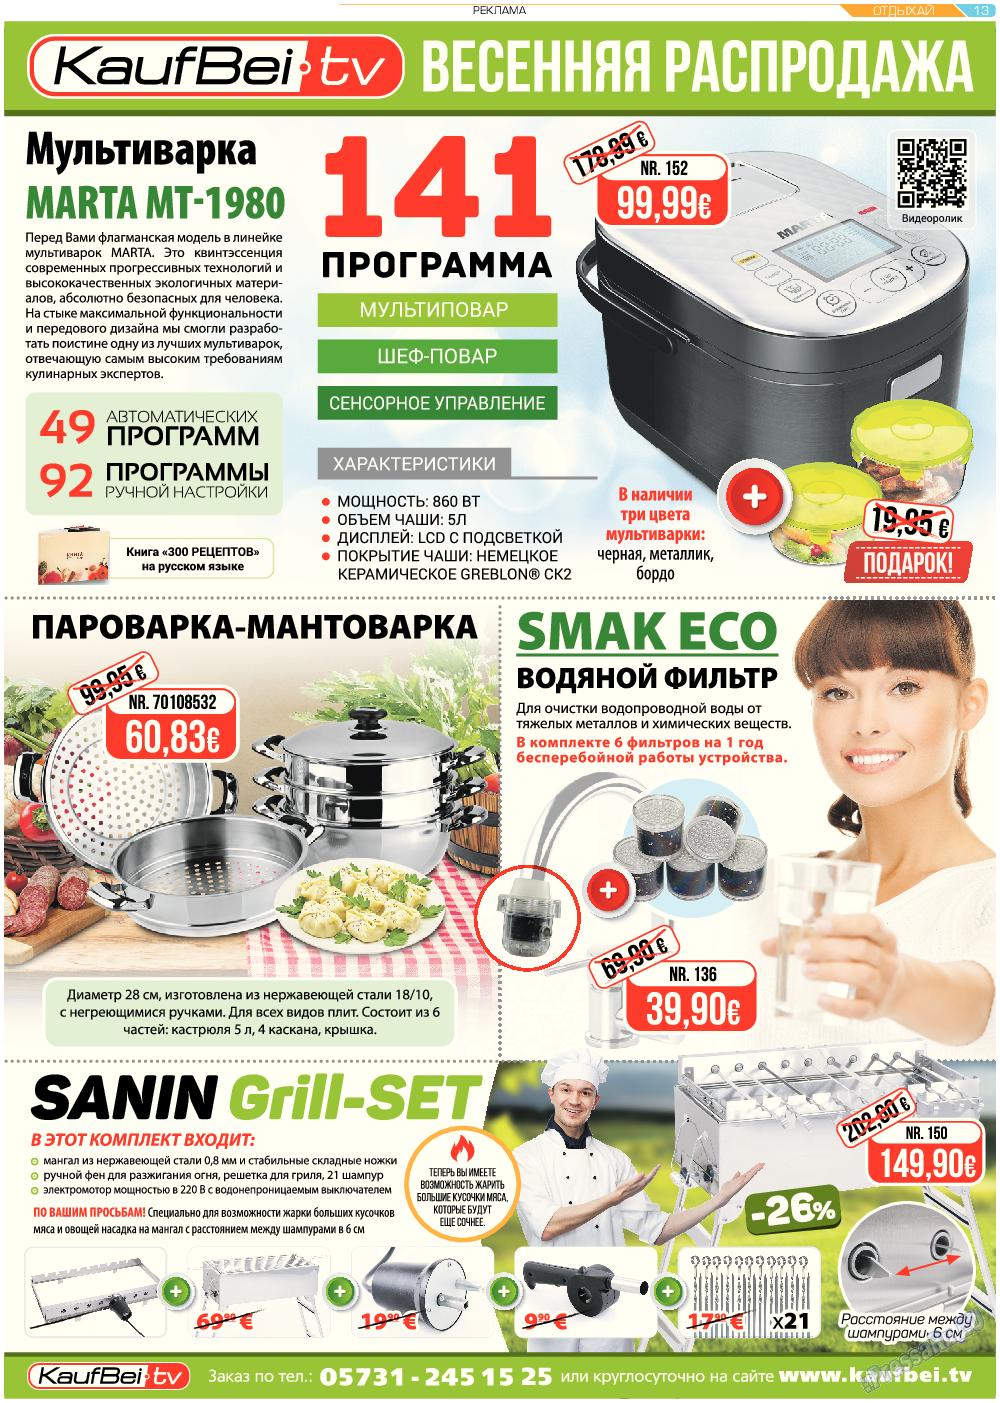 Отдыхай-Купи-продай (газета). 2017 год, номер 4, стр. 13